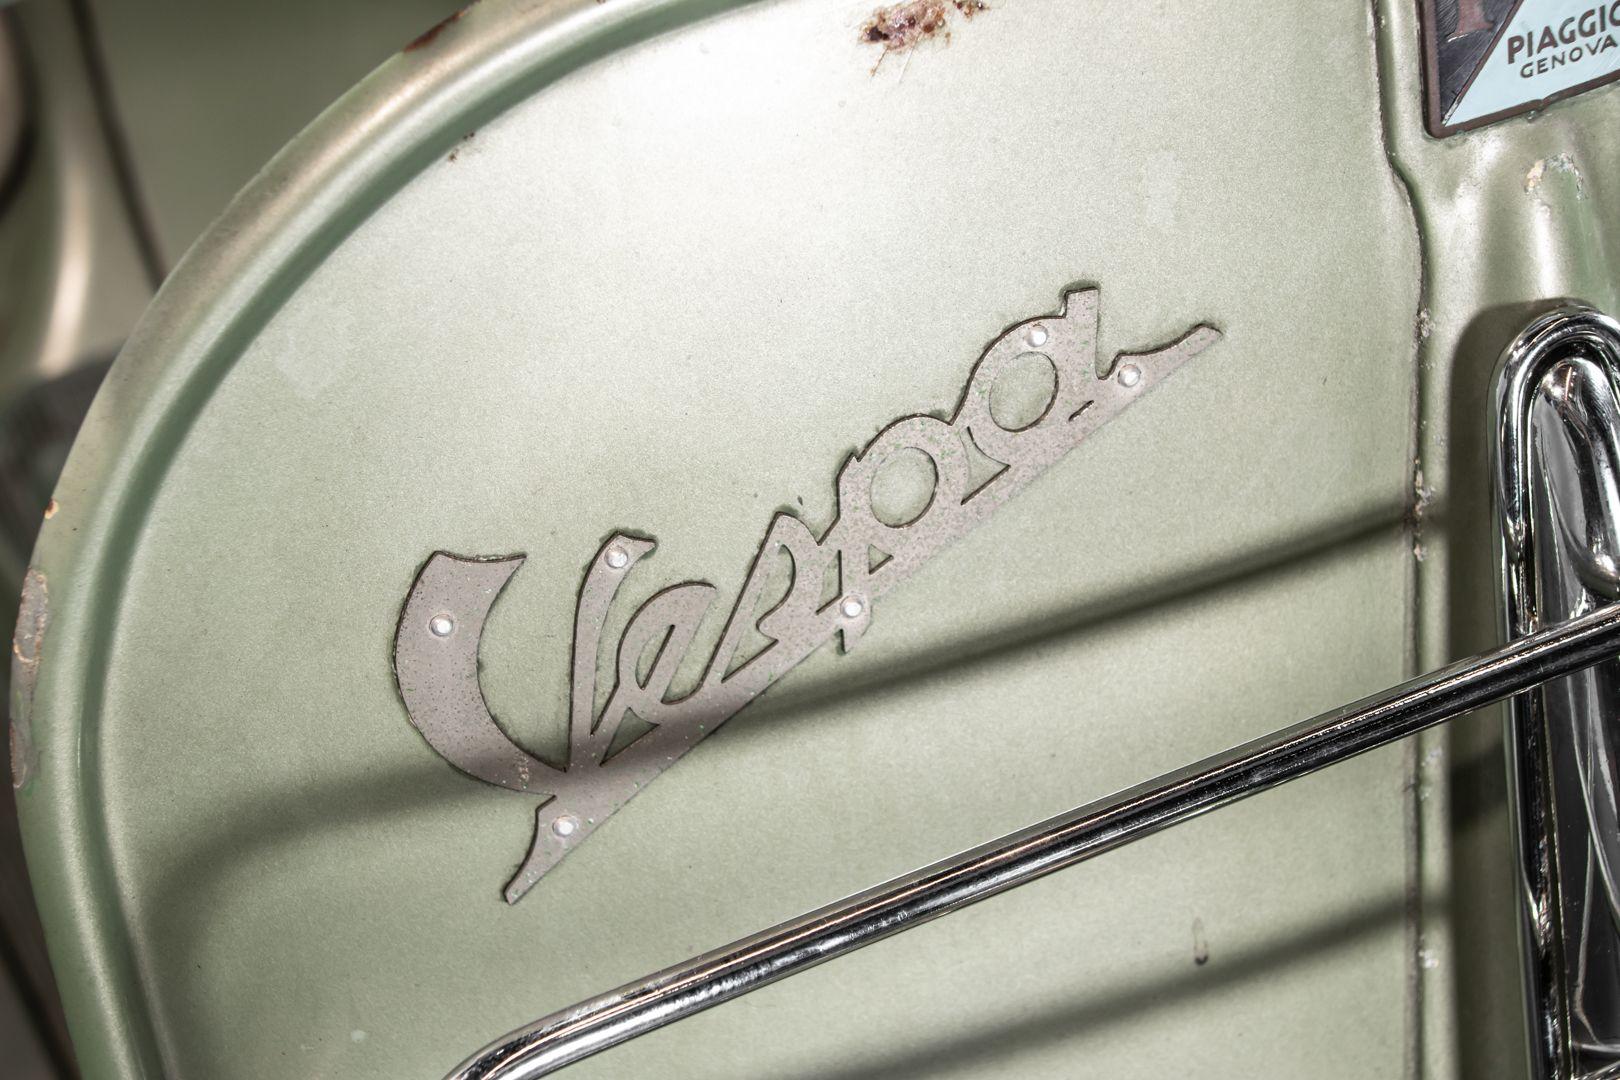 1951 Piaggio Vespa 125 51 V31 80384